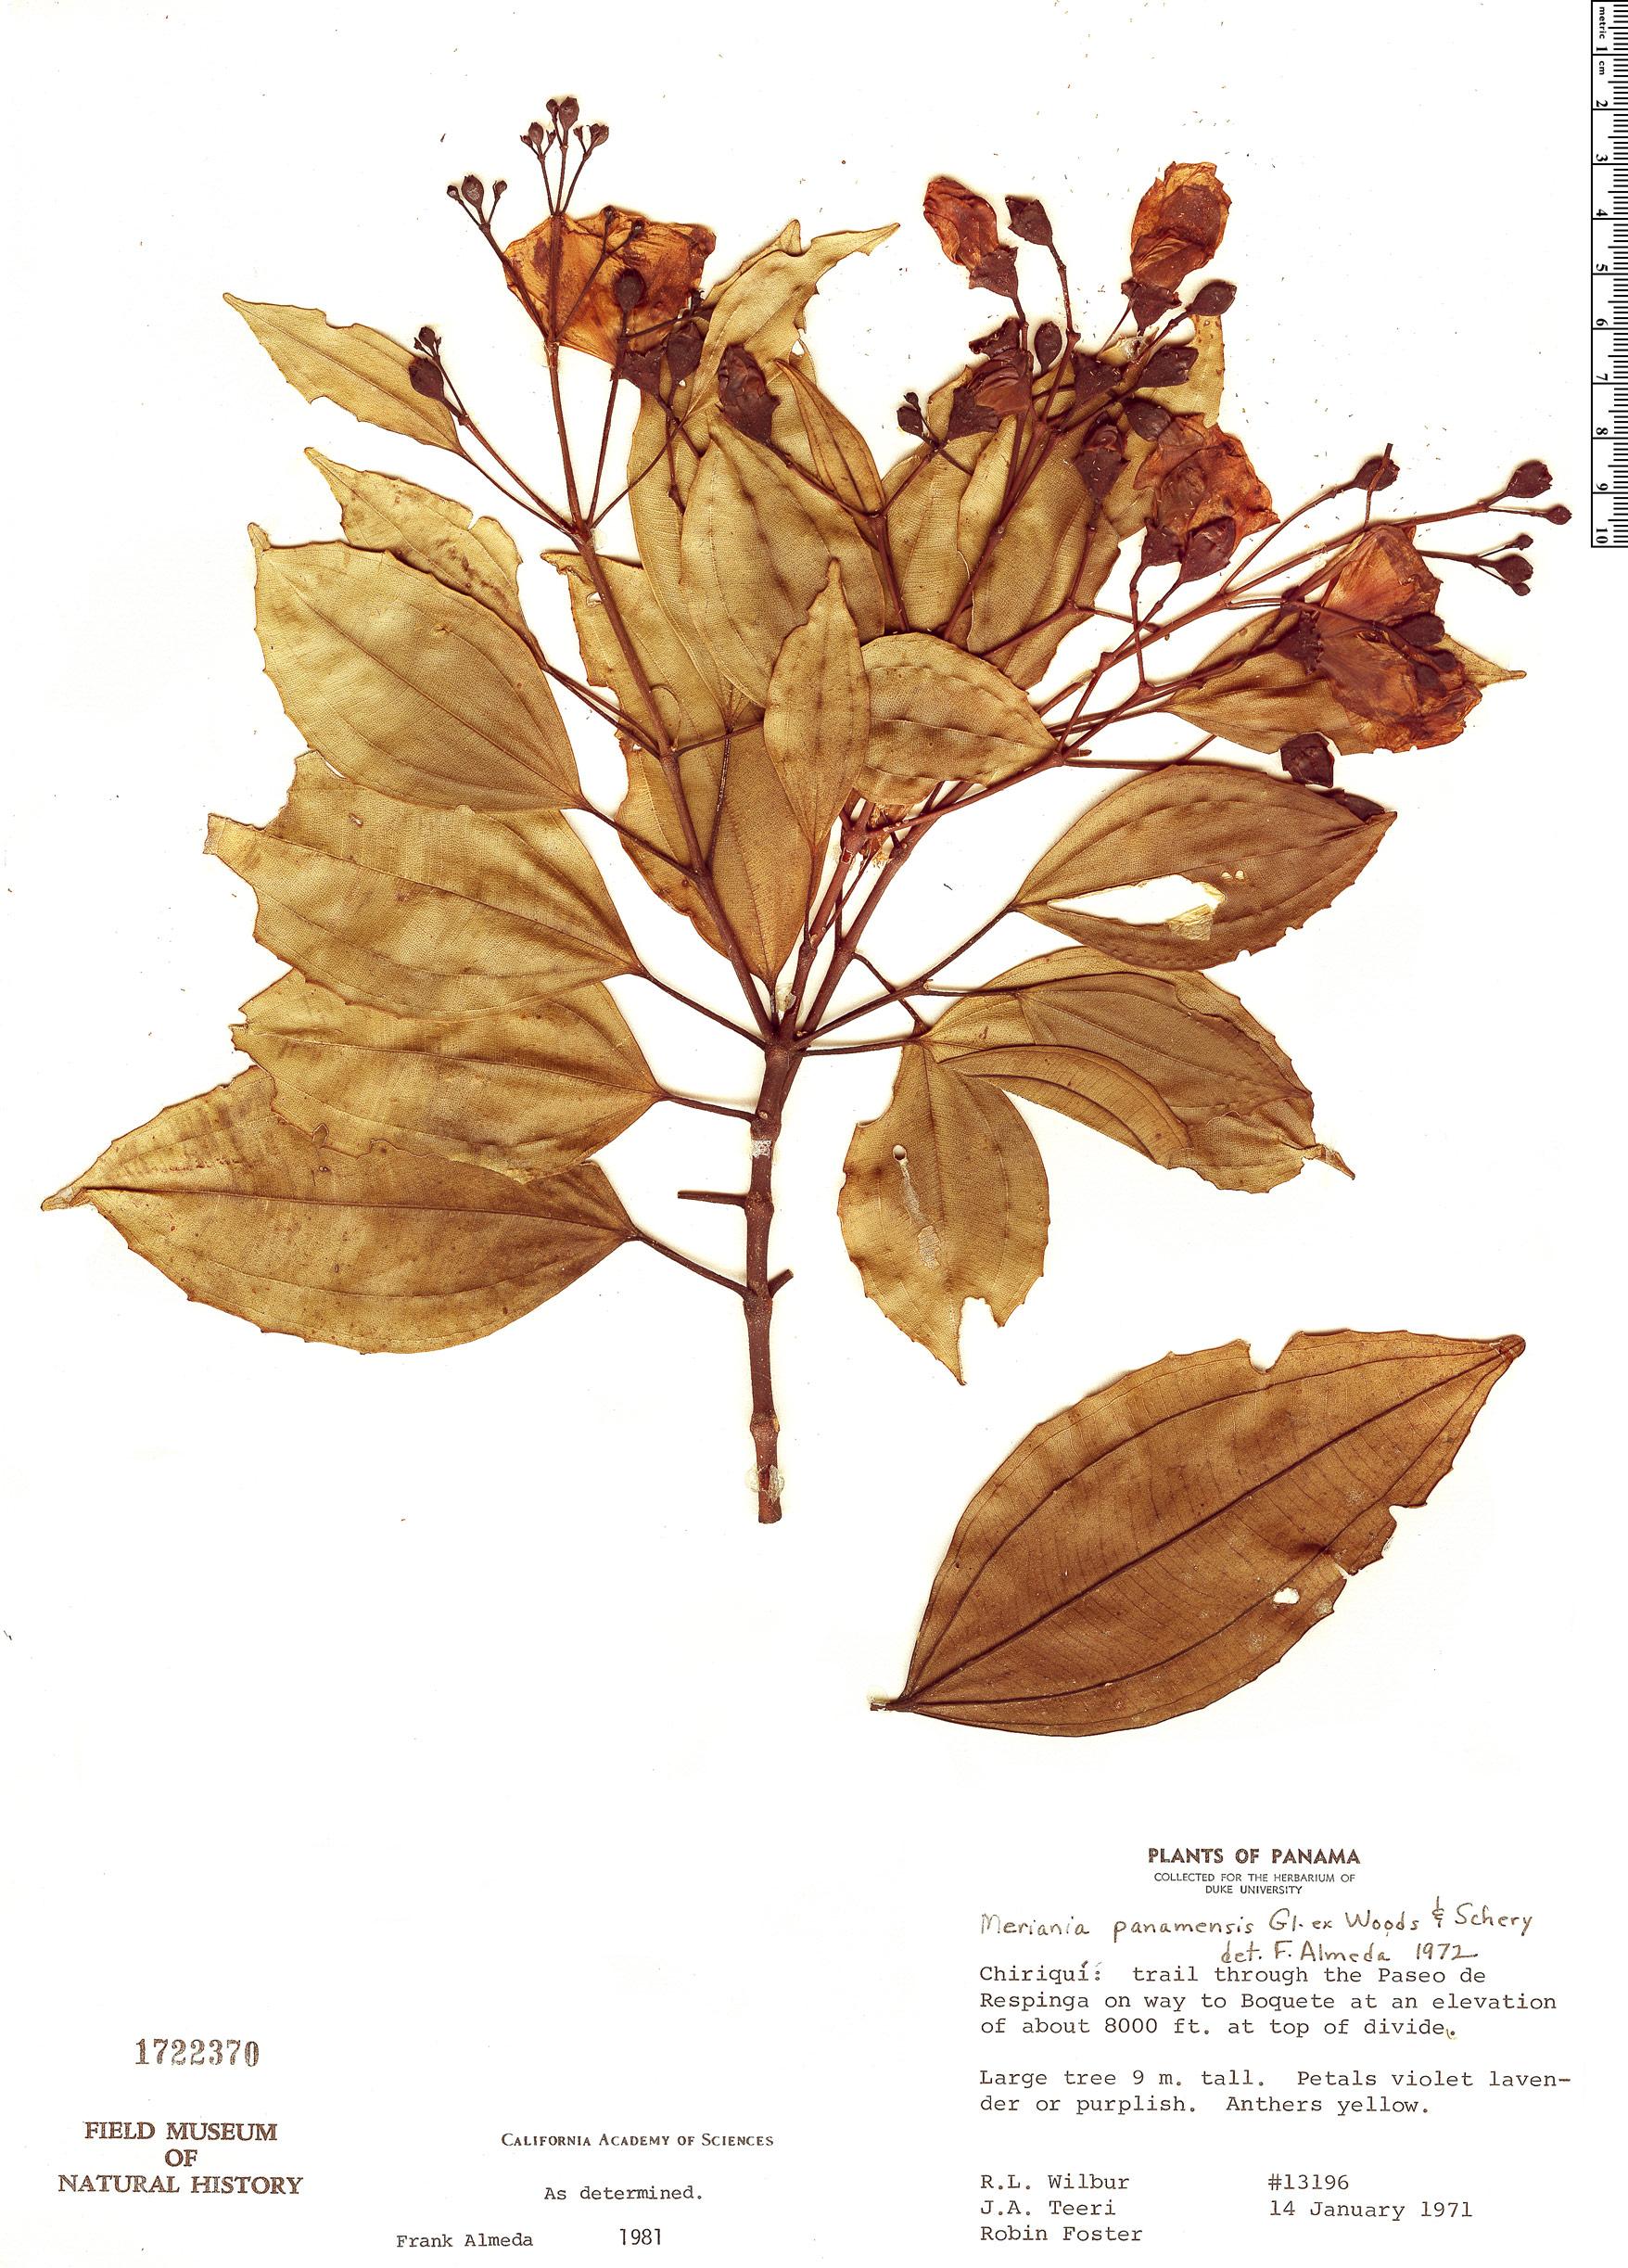 Specimen: Meriania panamensis